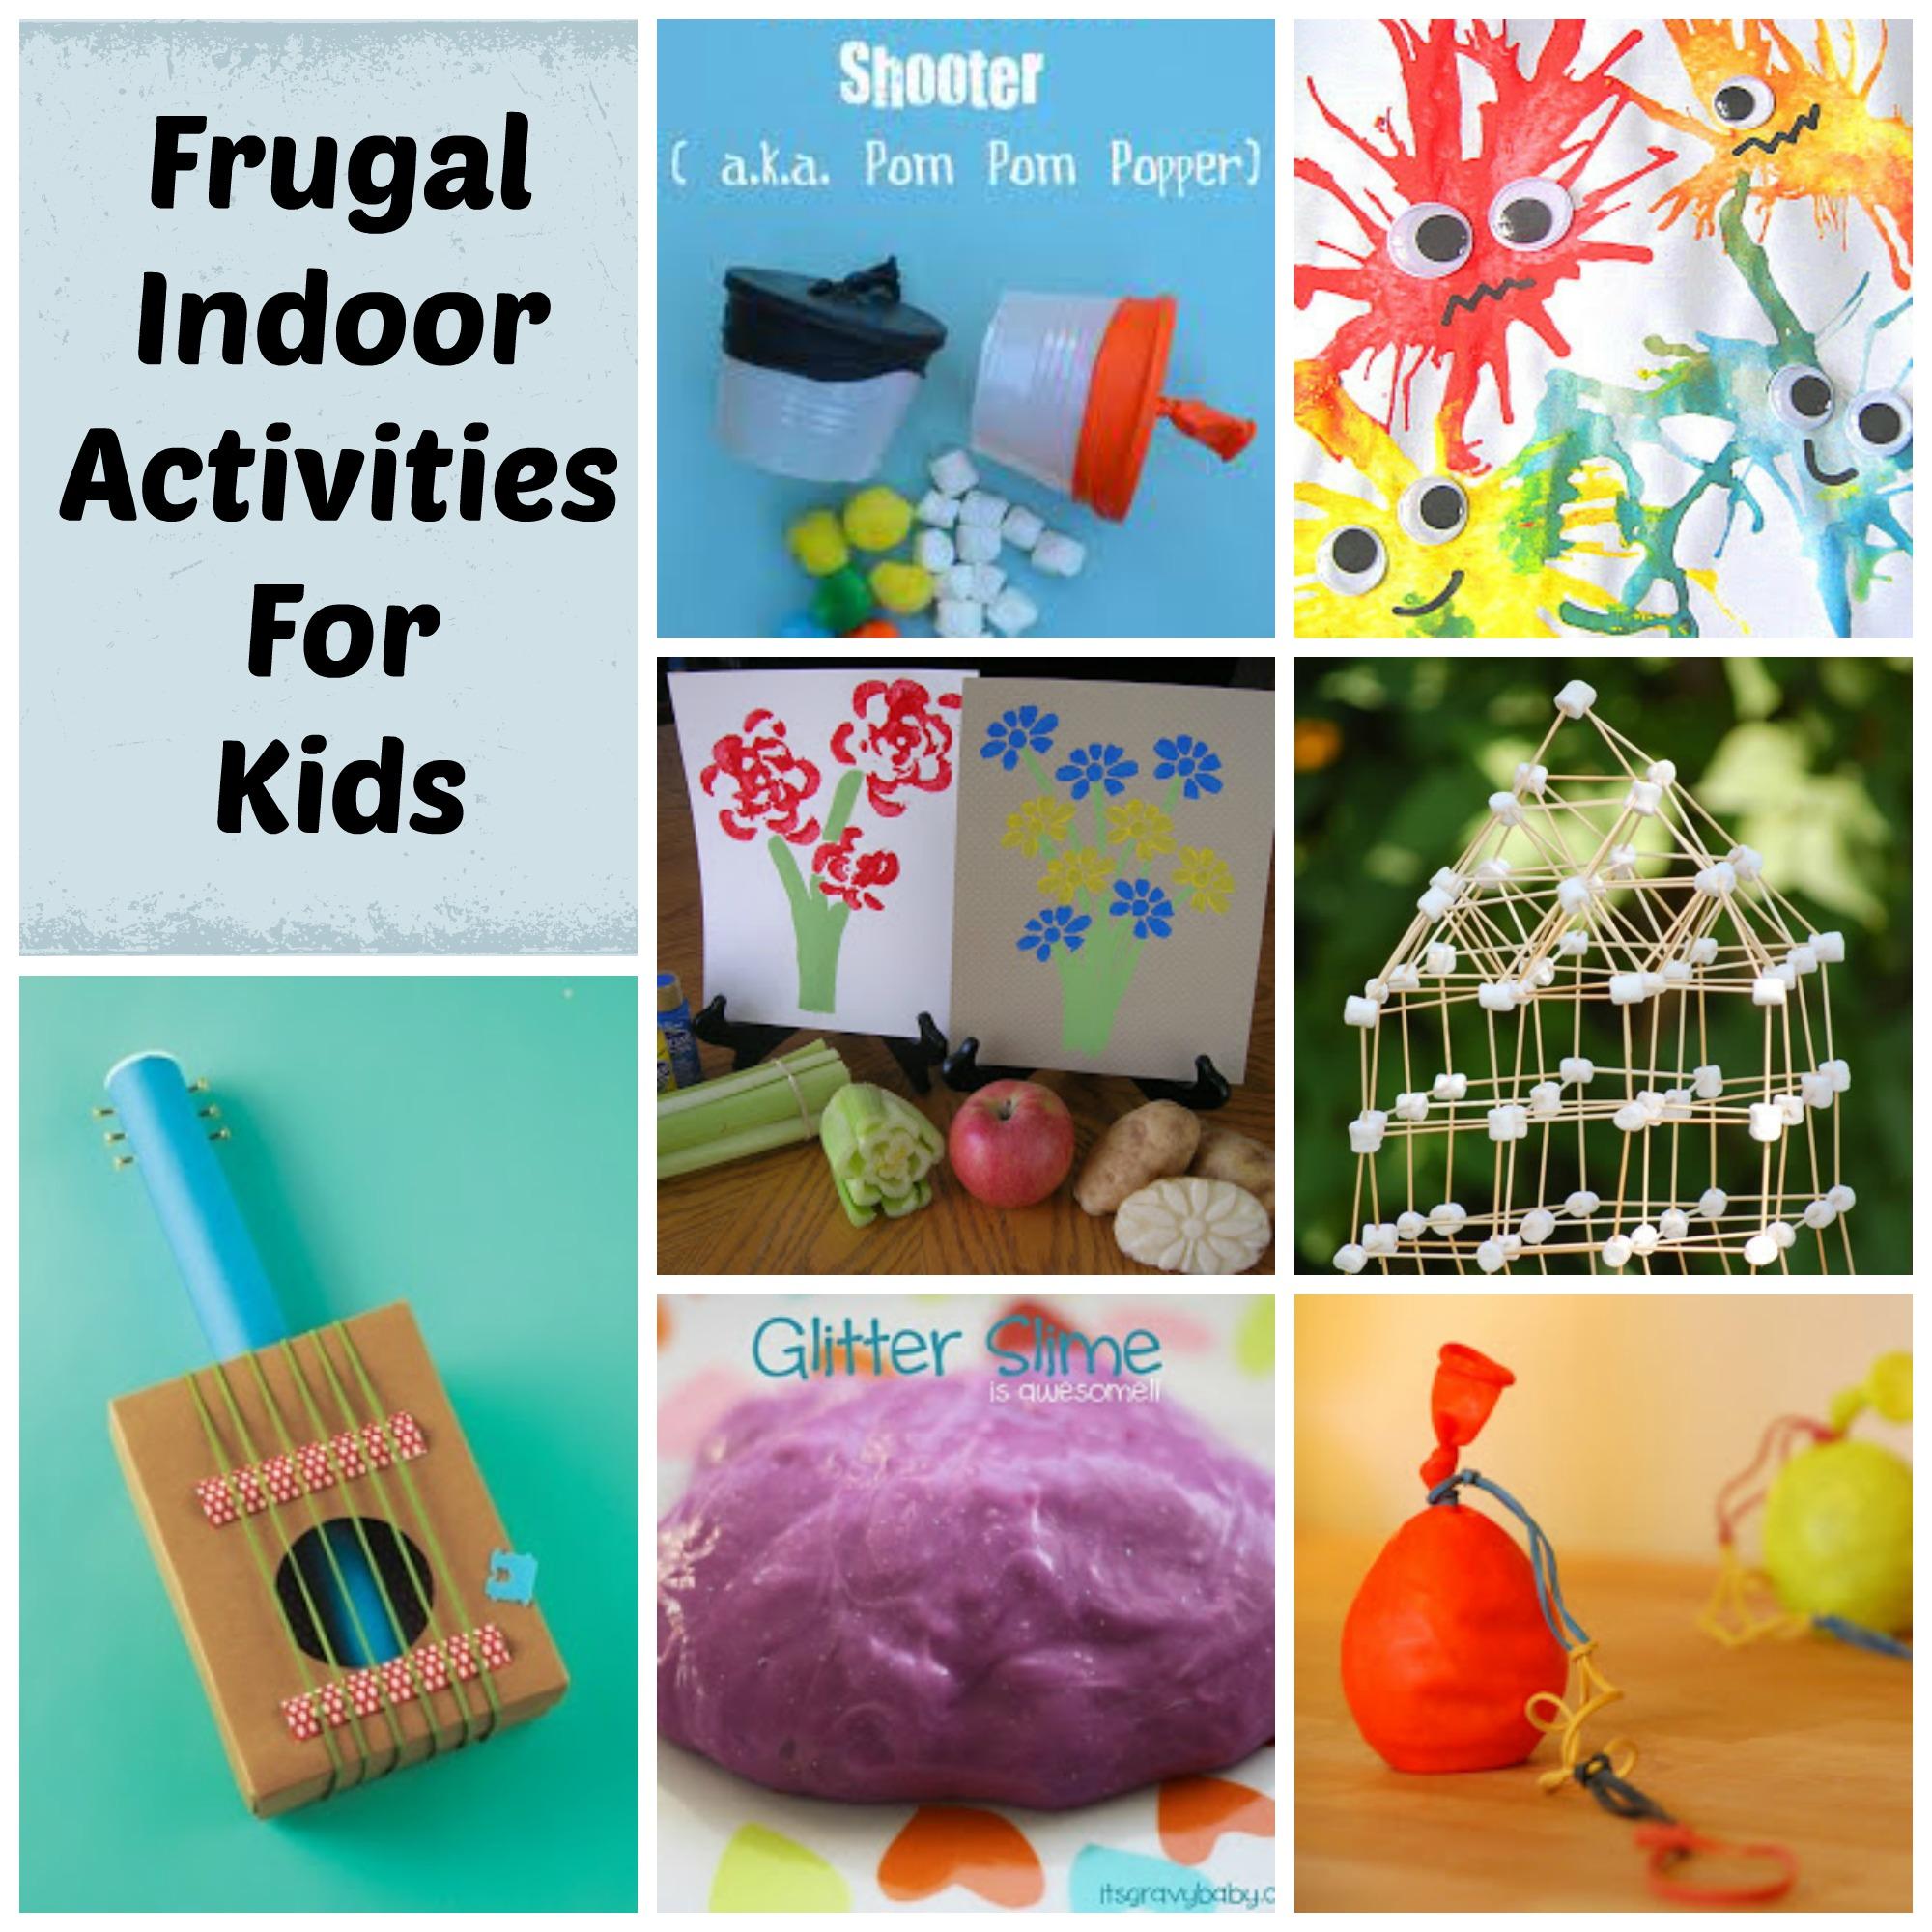 Frugal Indoor Activities For Children During Winter Part